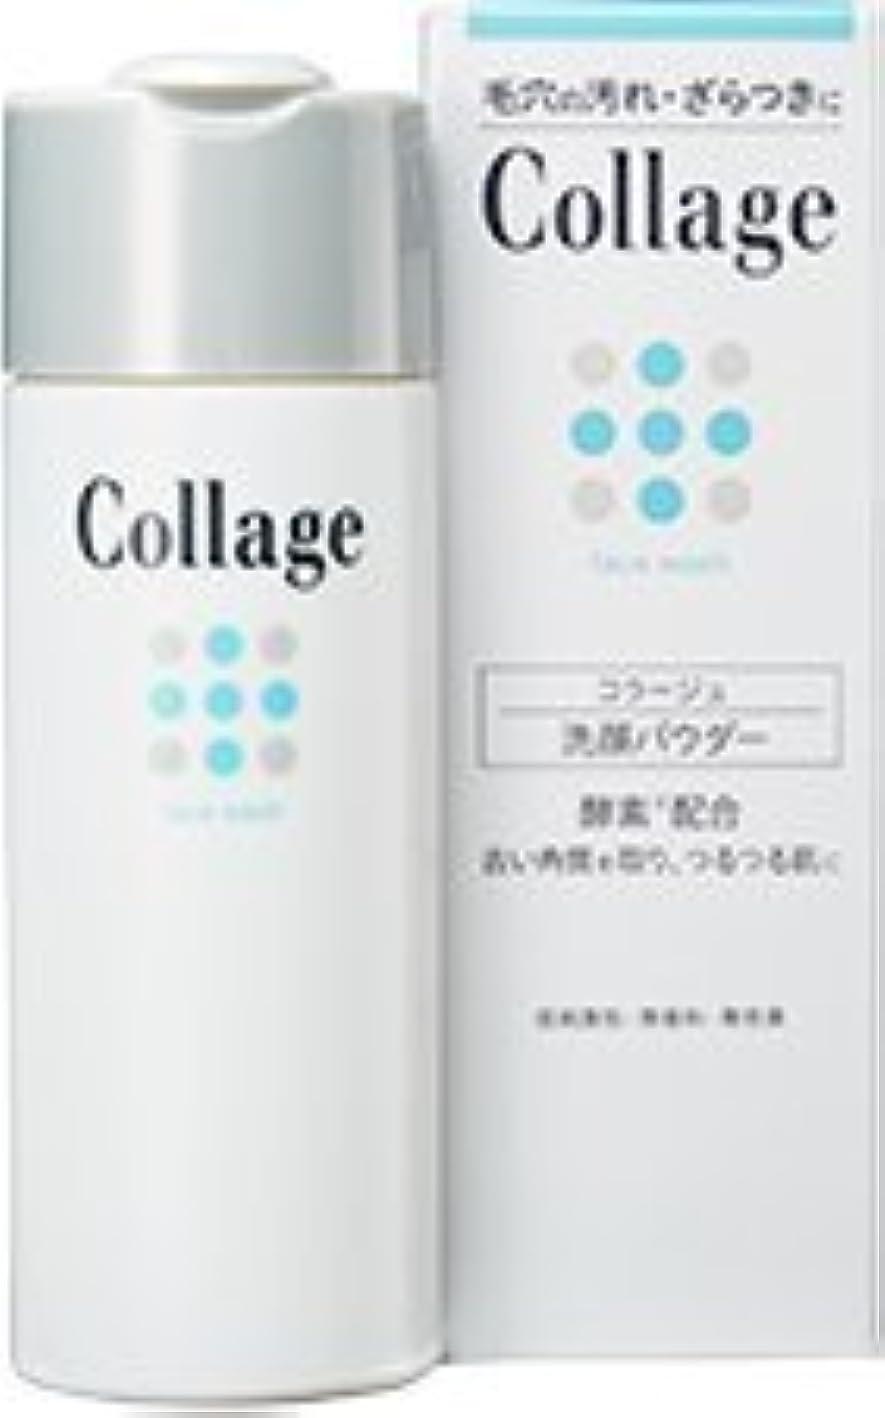 航空会社国籍粘着性【3個セット】コラージュ 洗顔パウダー 80g